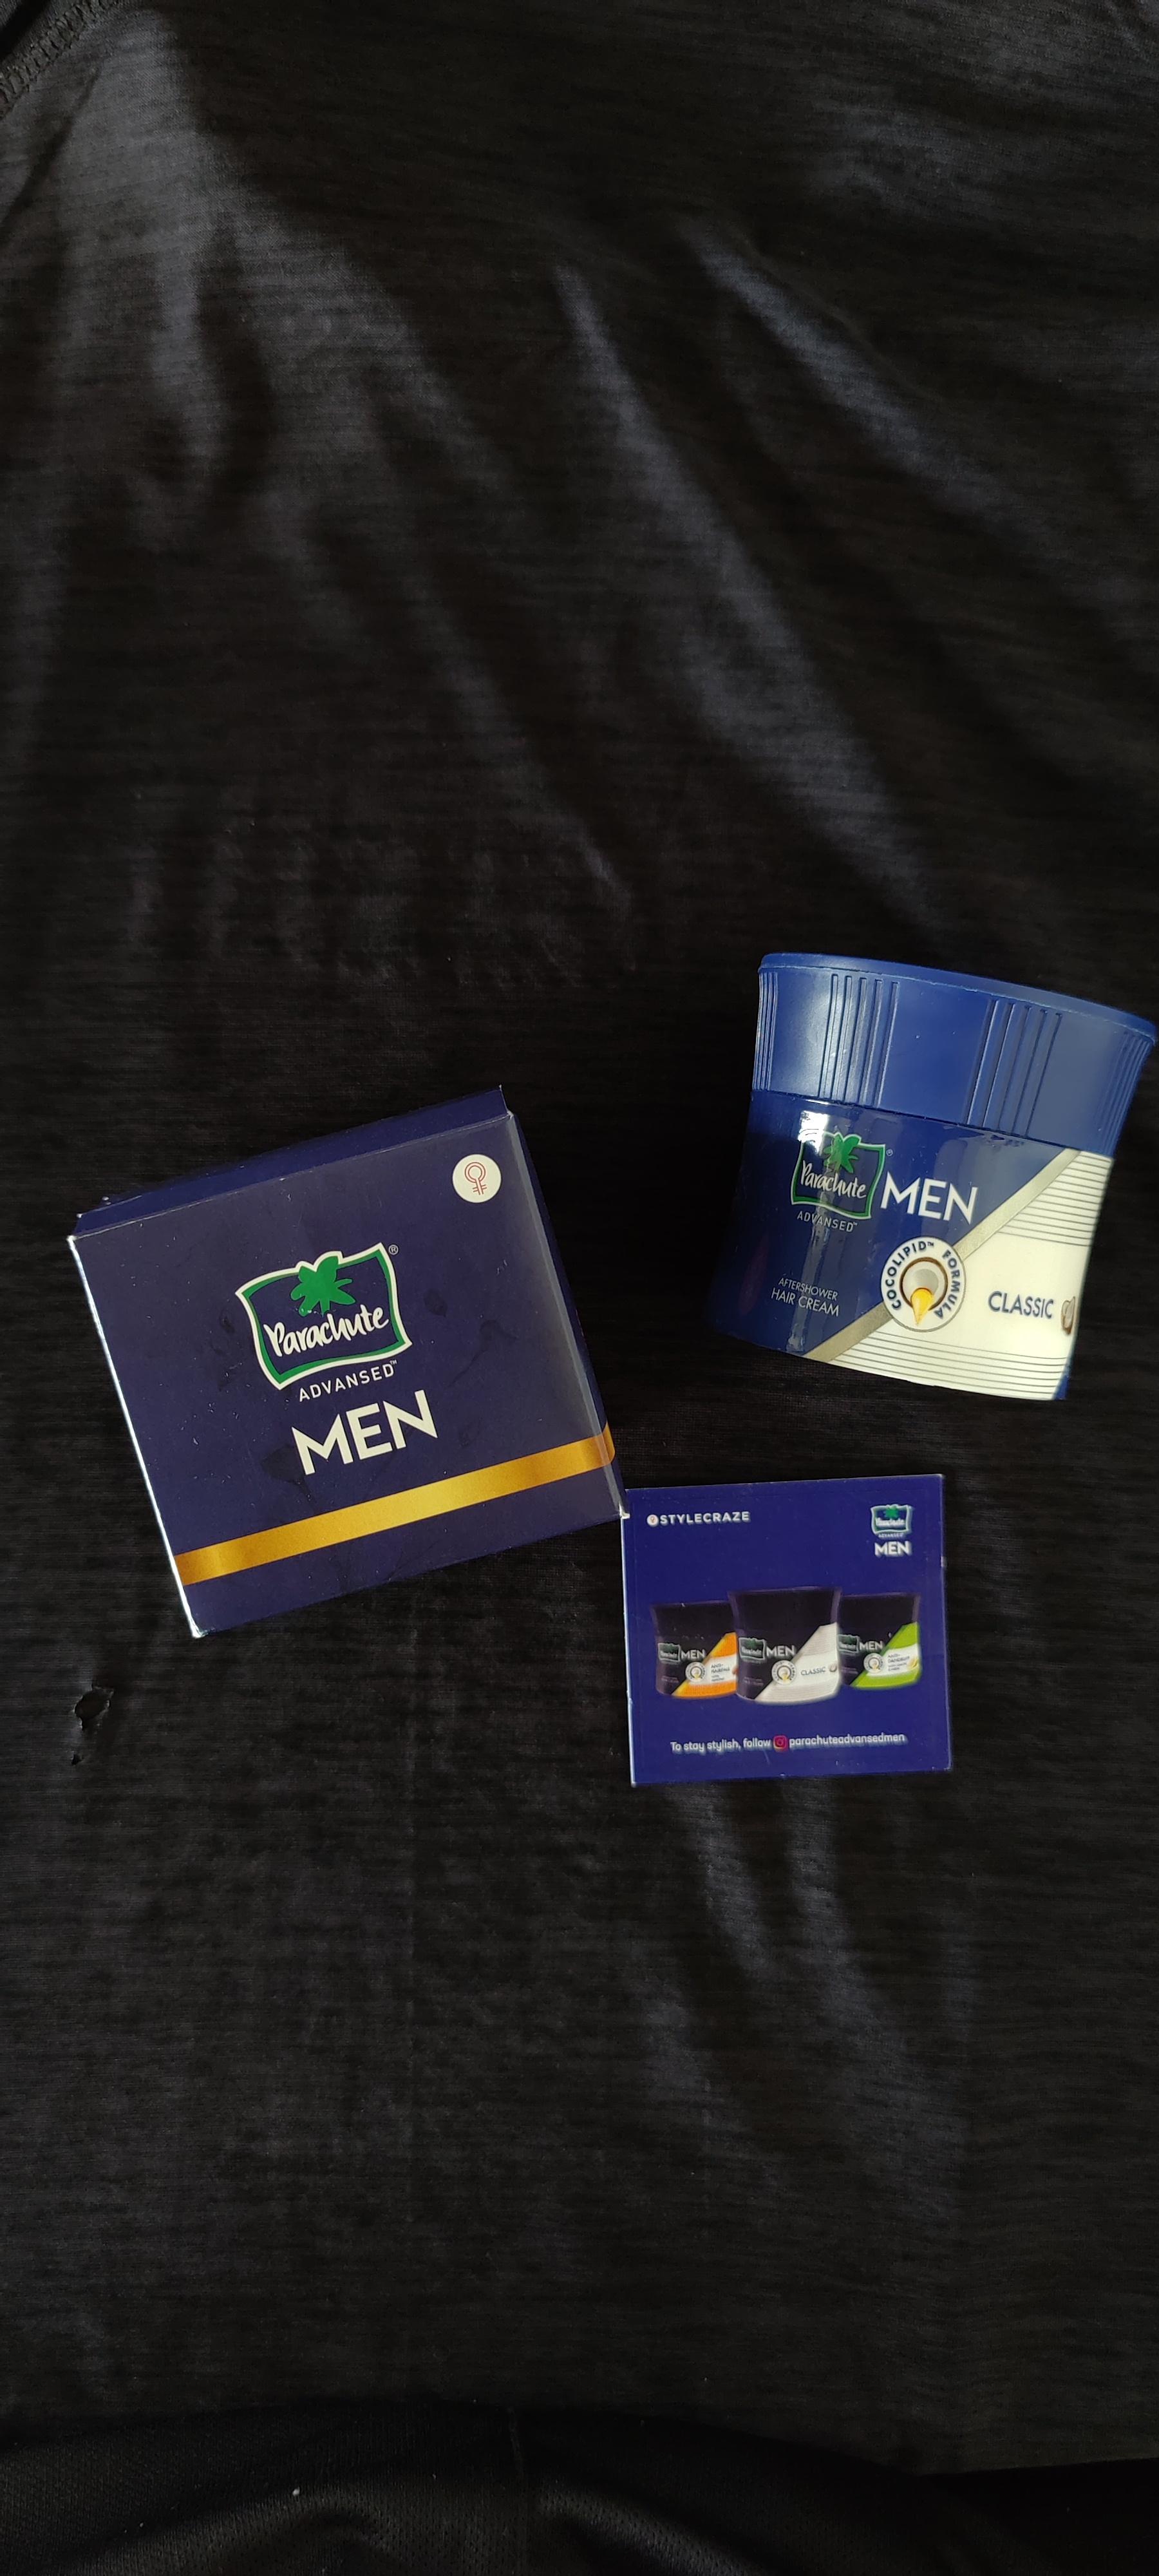 Parachute Advansed Men After Shower Hair Cream, Classic -After shower hair cream-By suraj_mandal